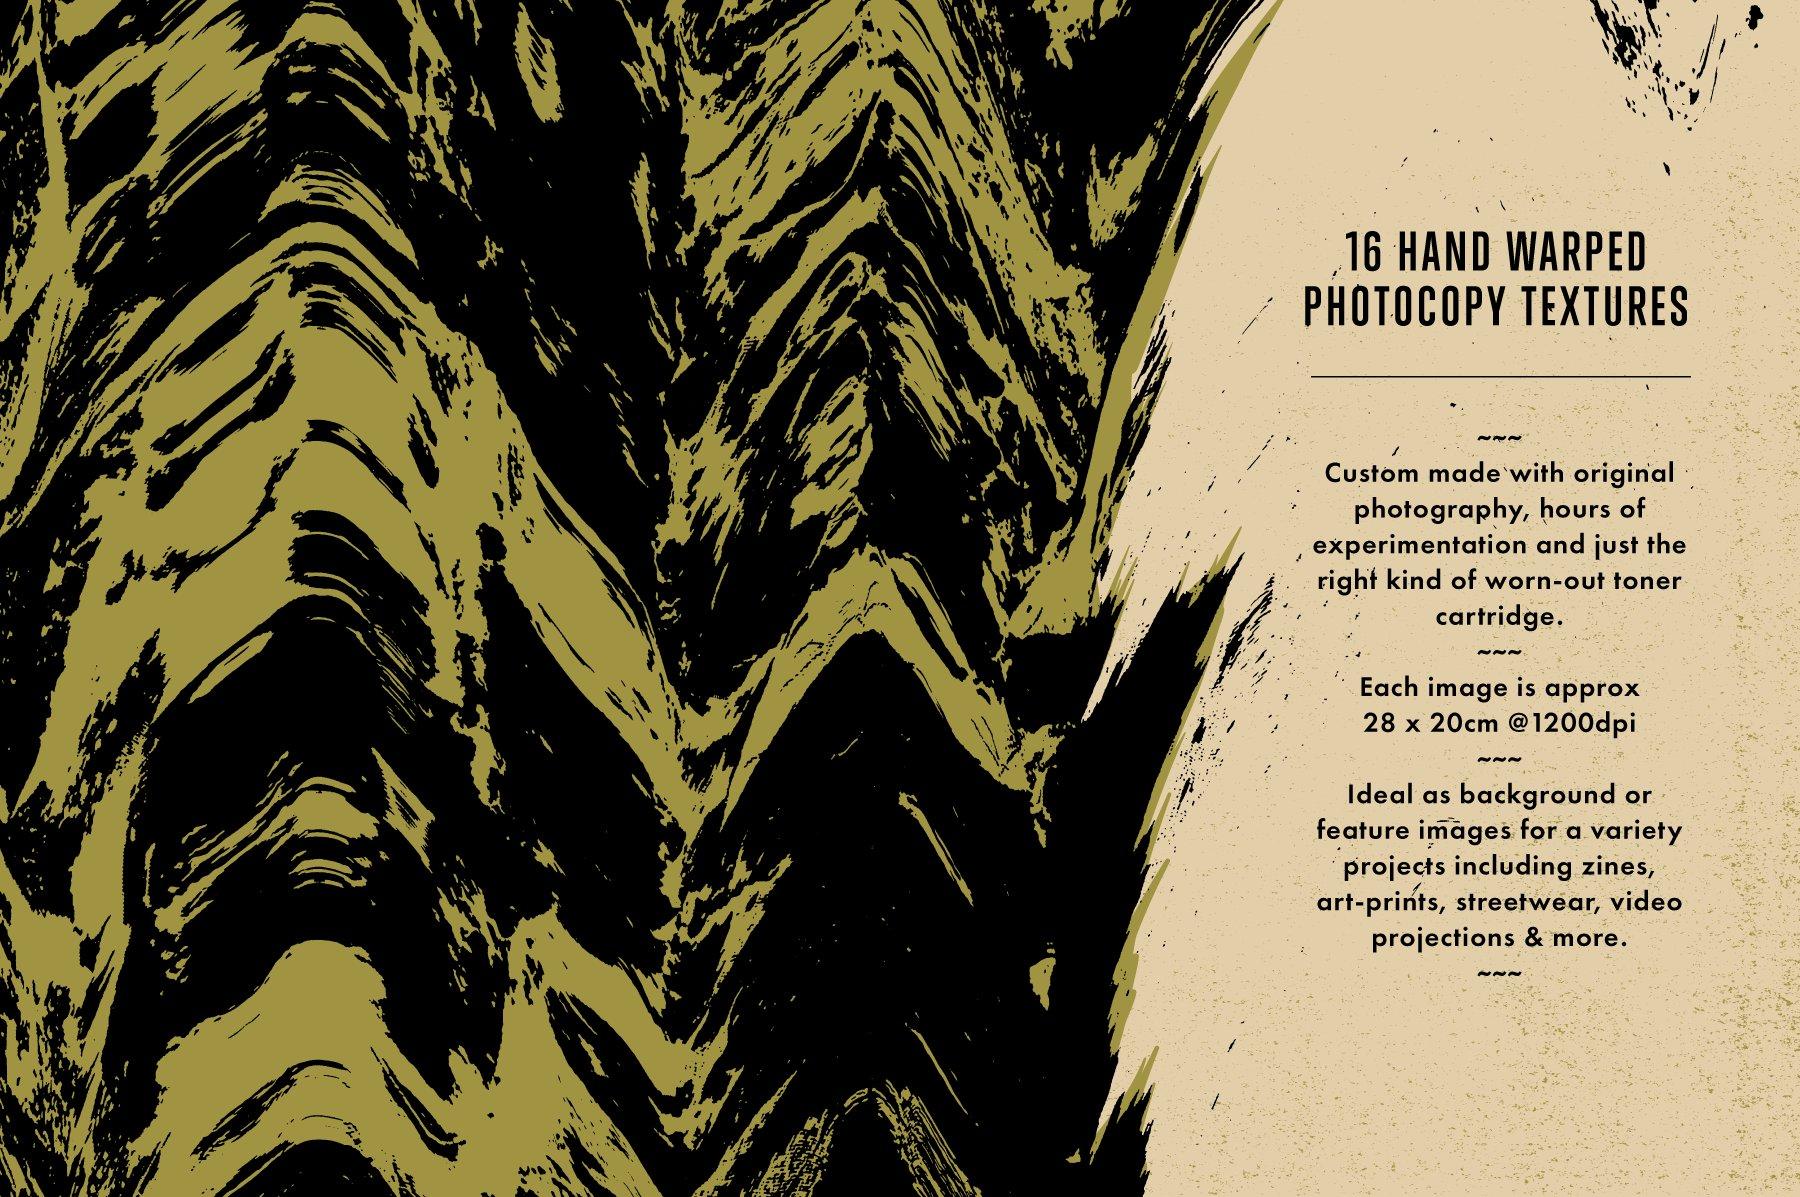 16款酸色调扭曲故障复制纹理平面广告设计背景矢量素材 Acid Tone Warped Copy Textures插图(3)